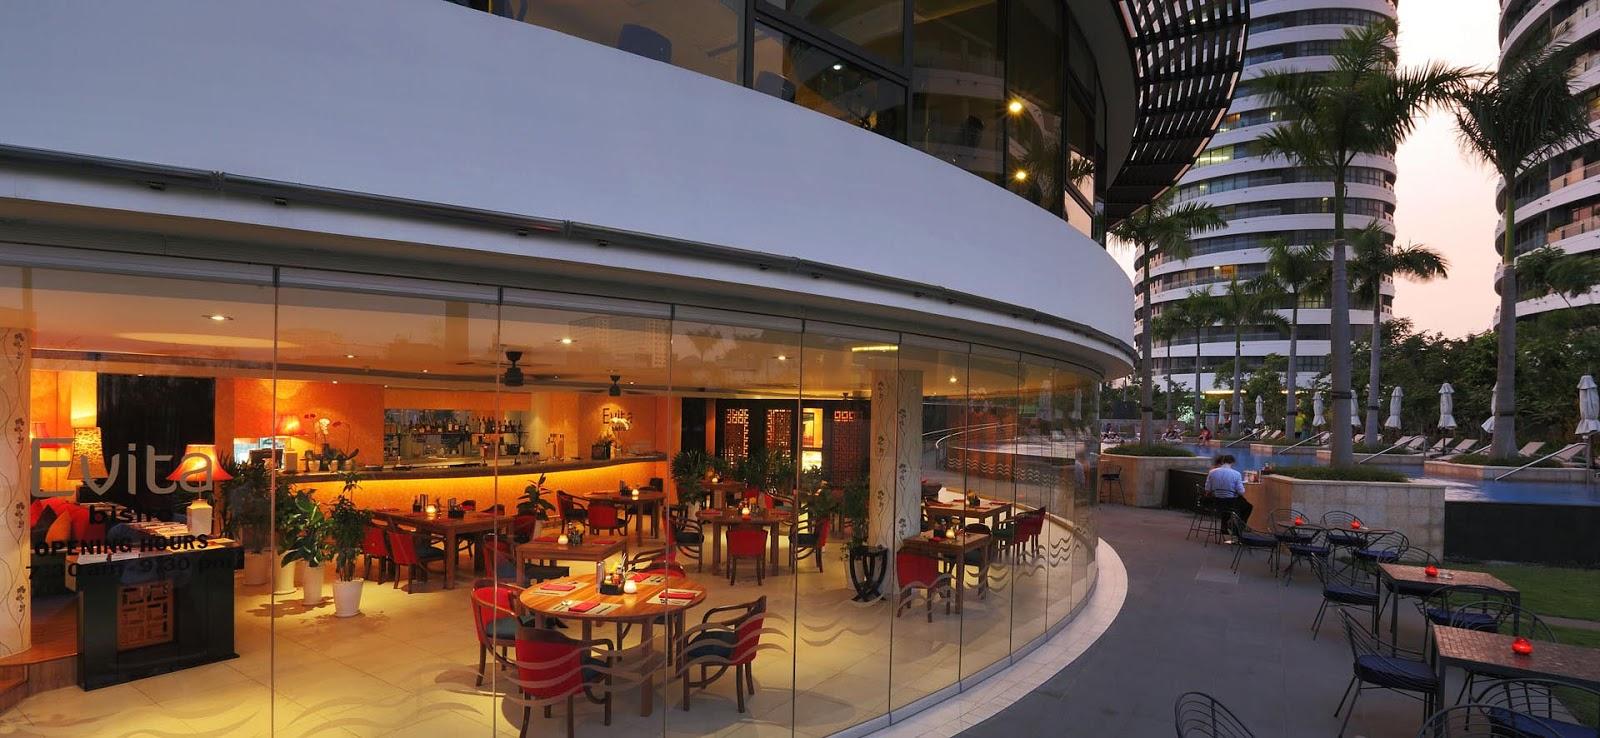 Nhà hàng Evita tại căn hộ City Garden